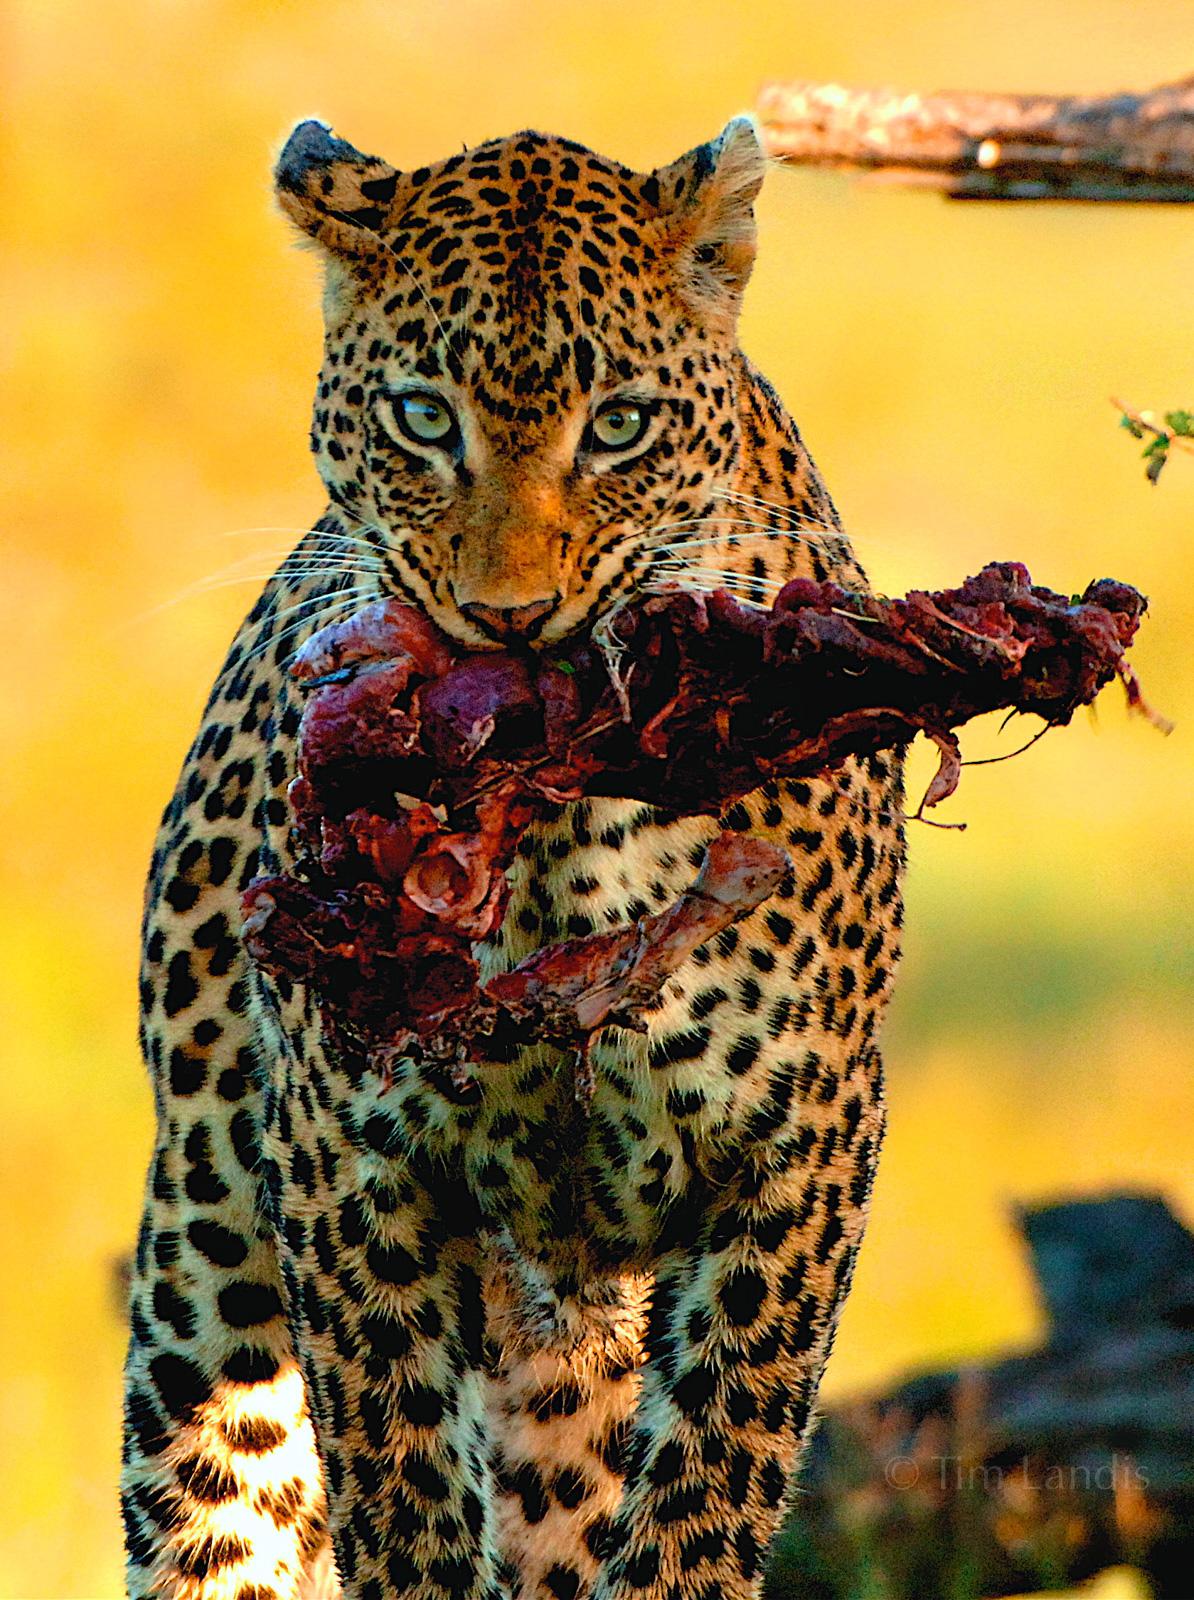 Leopard with kill, South Africa, eyes, feeding, impala, kill, leopards, photo